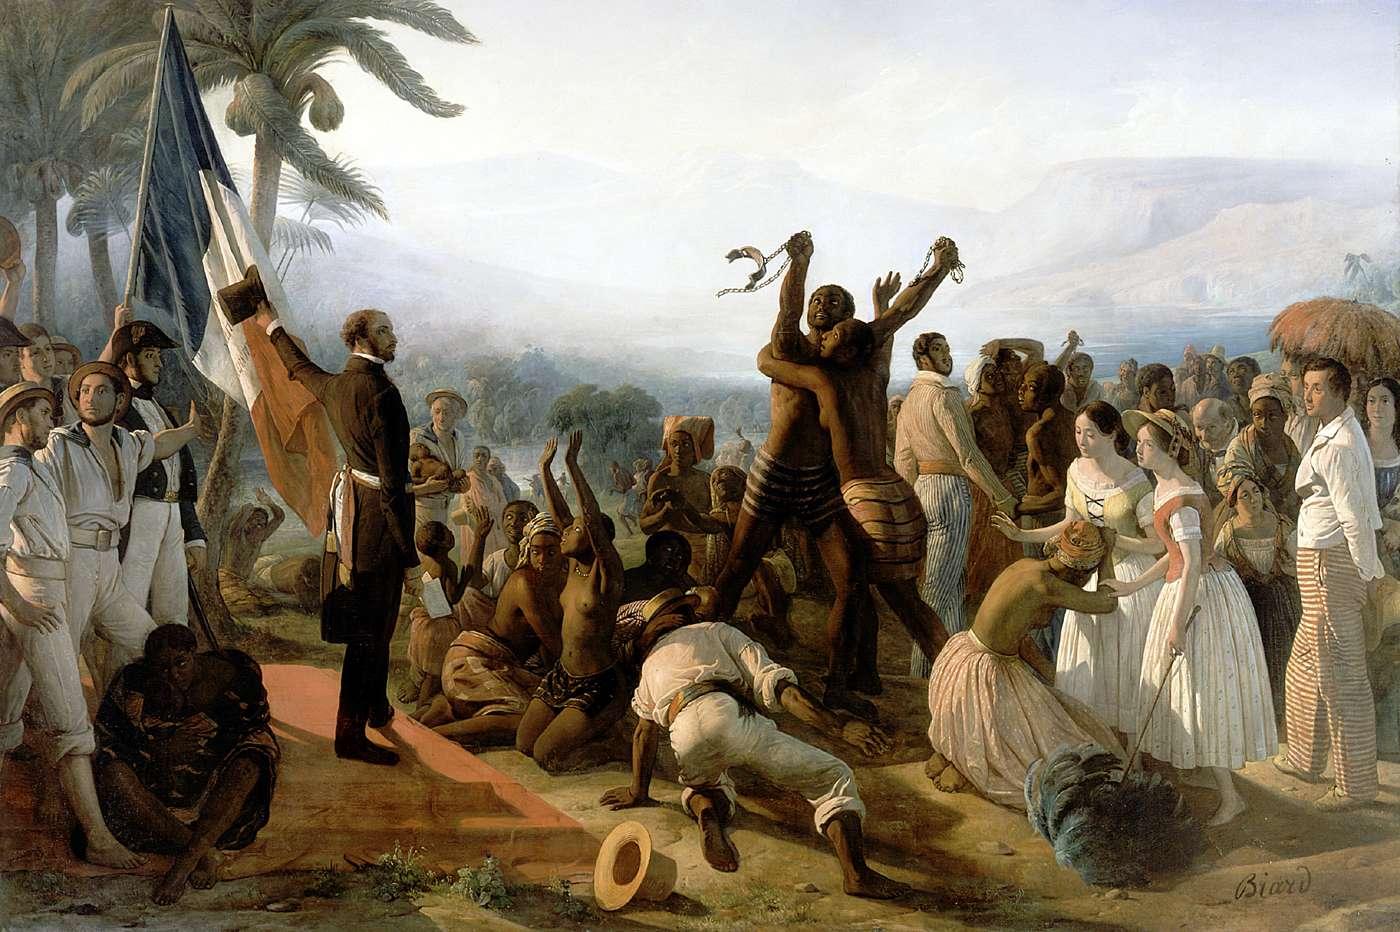 L'abolition de l'esclavage dans les colonies françaises, 27 avril 1848